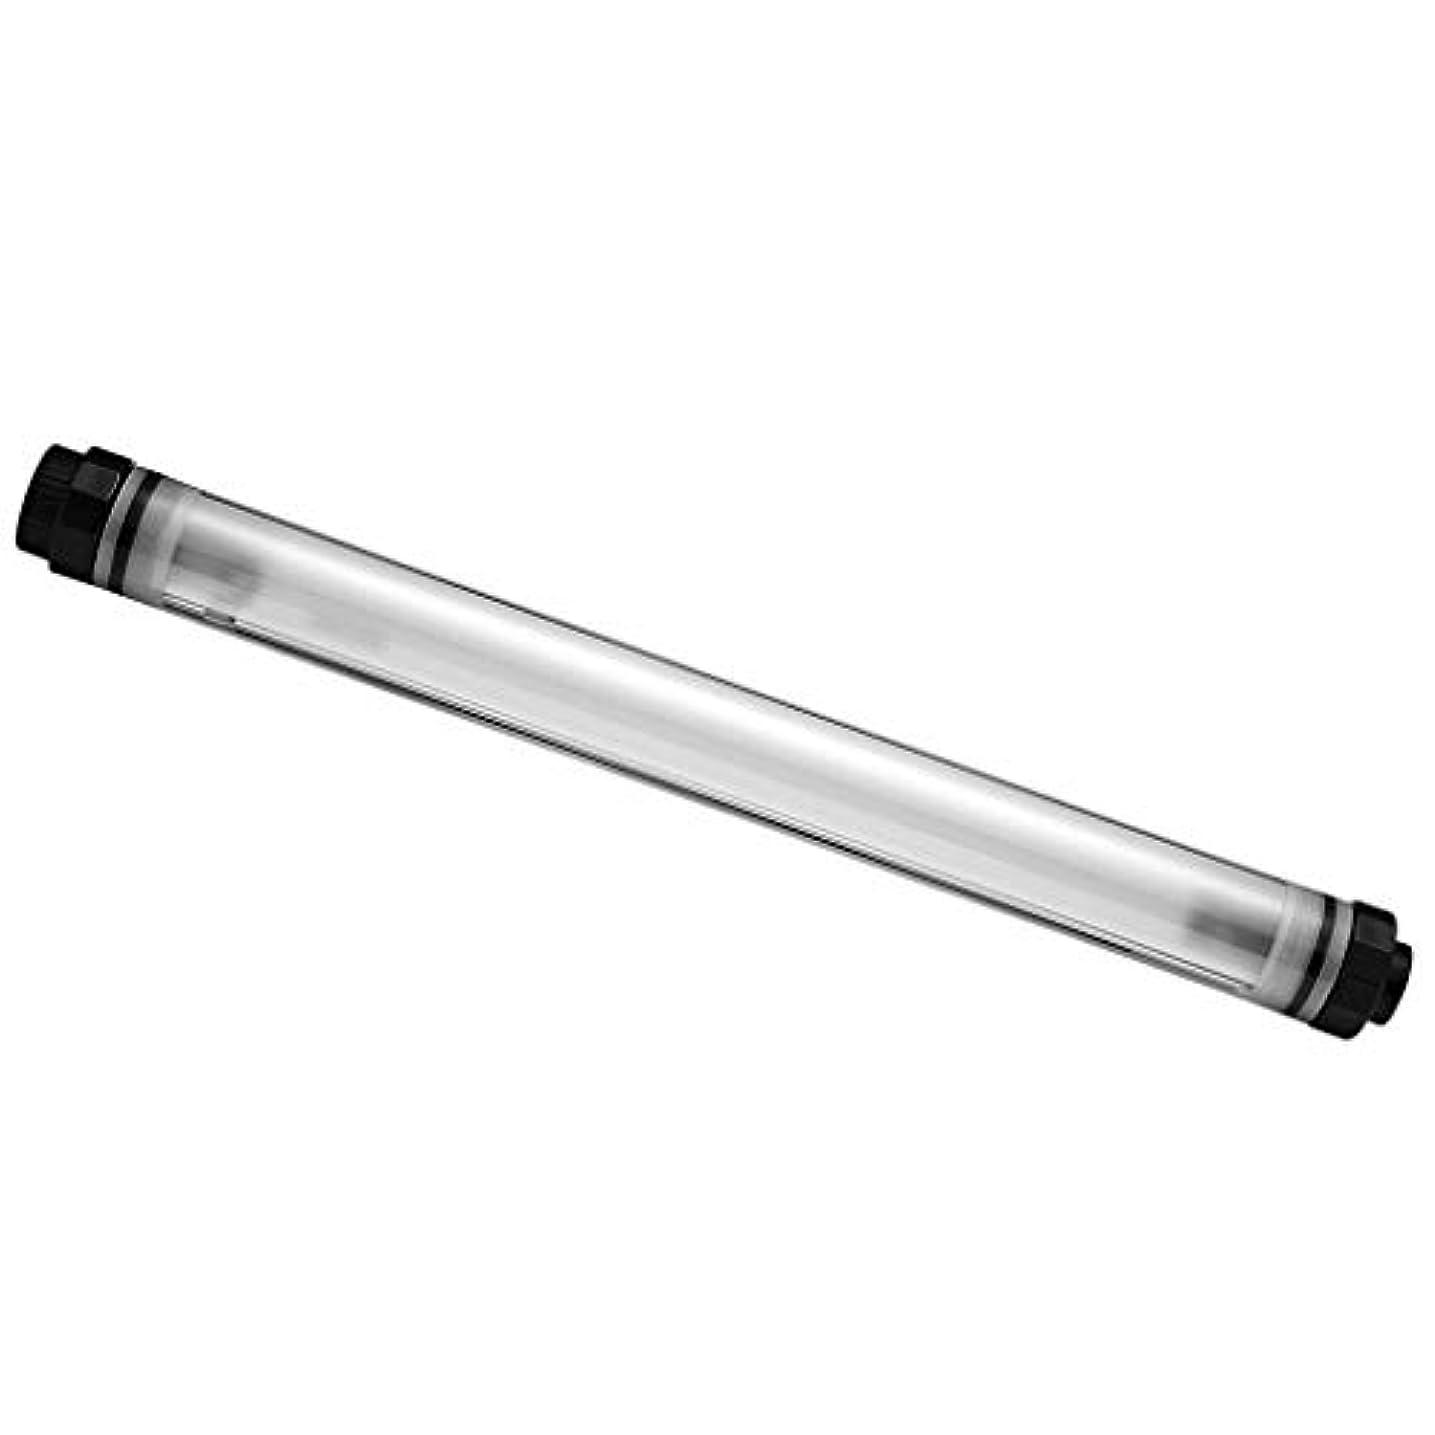 打ち負かすこねるお酒キャンプライト、LEDポータブル1 3 LEDキャンプライトとモバイル写真フィルライトモバイル充電器充電式屋外テントライト緊急ライトバックパックハイキング釣り停電